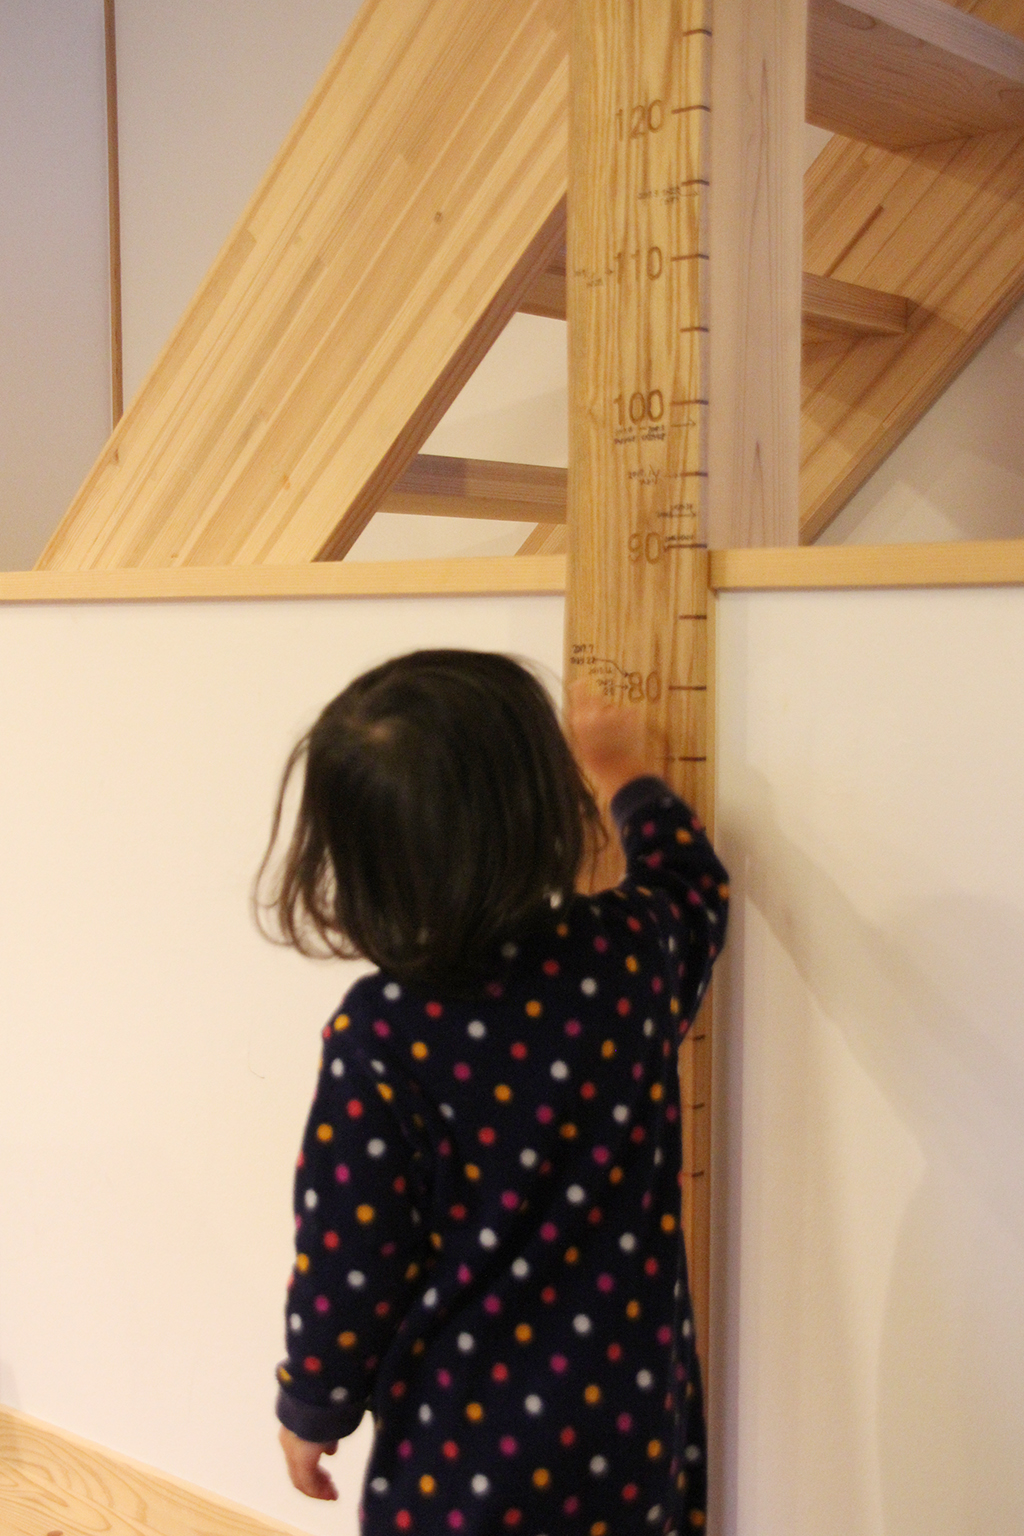 朝来市の木の家 柱に刻んだ成長の記録をなぞるお子さま